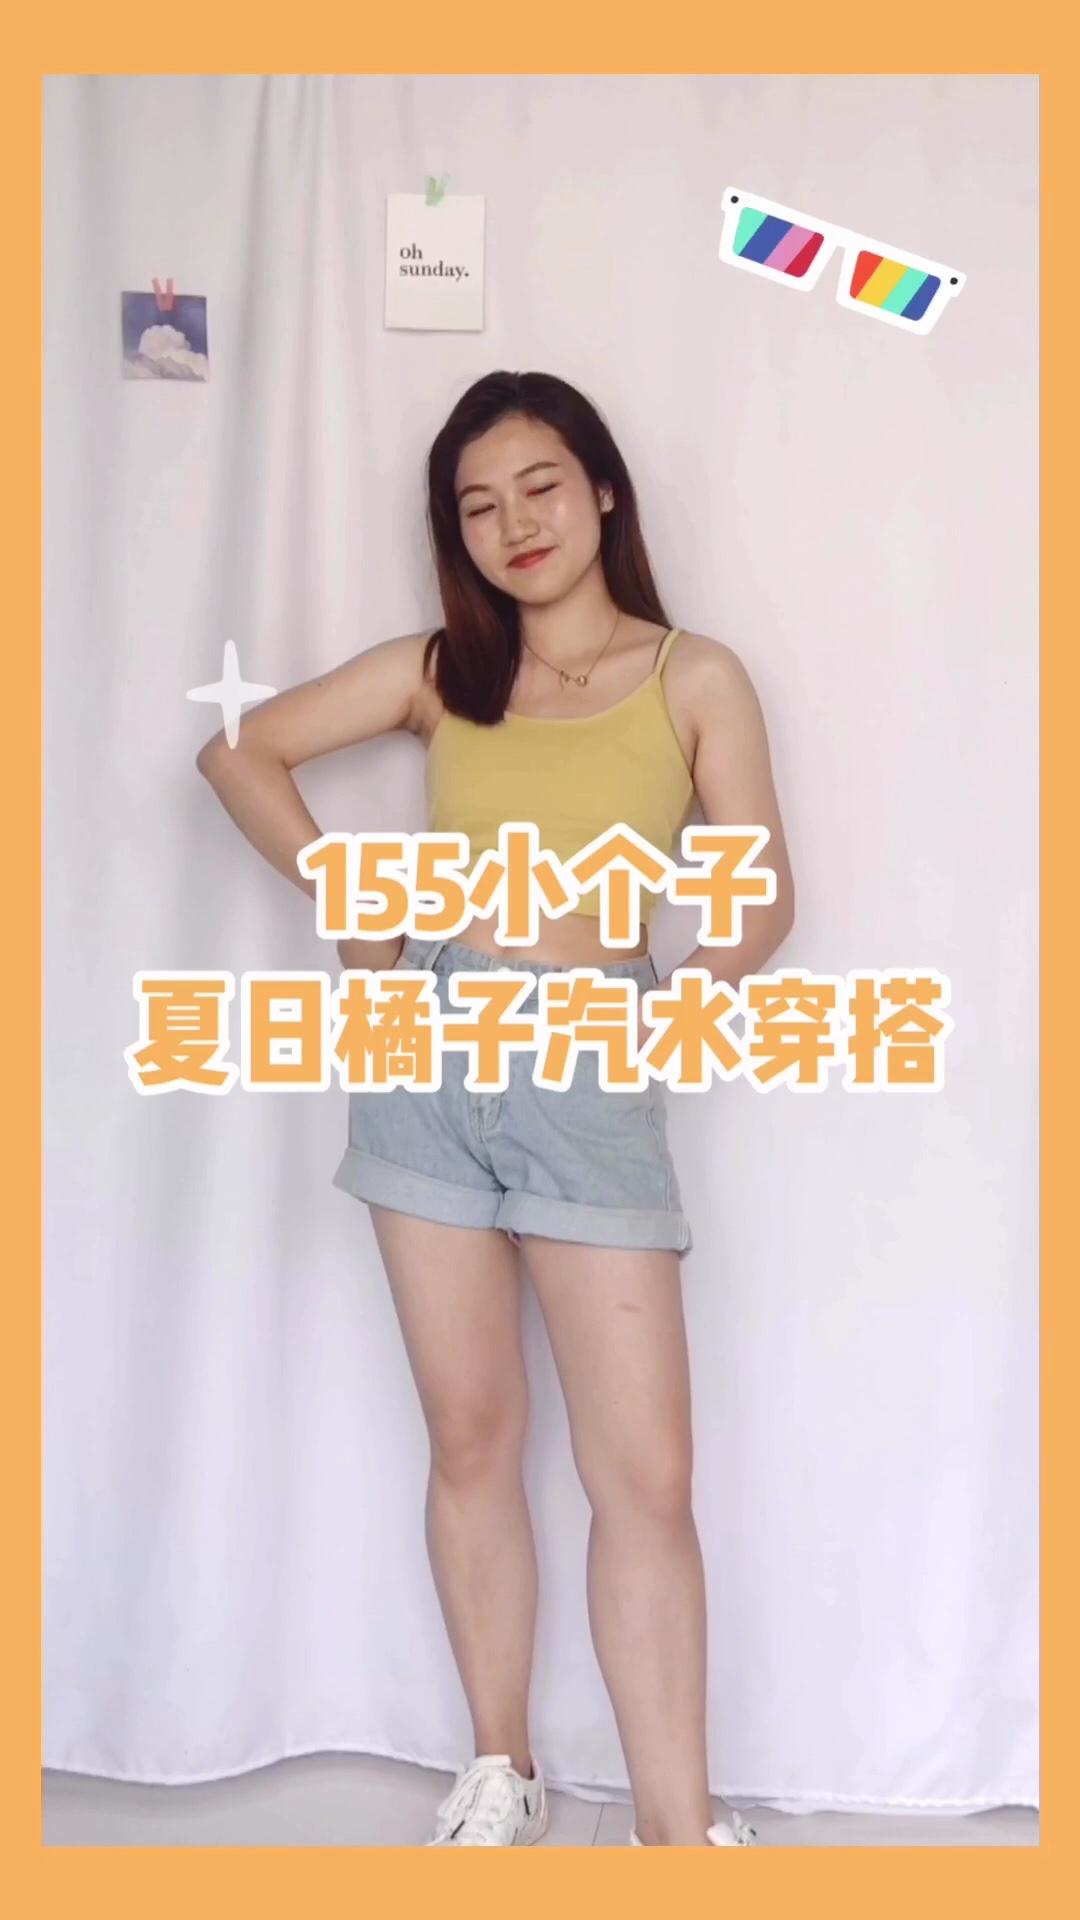 #果味少女夏日套装# 很元气的一身穿搭 鹅黄色背心搭配牛仔短裤 简单又很A 手臂肉肉的妹子可以搭配橘色系格纹衬衫 防晒又遮肉哦~